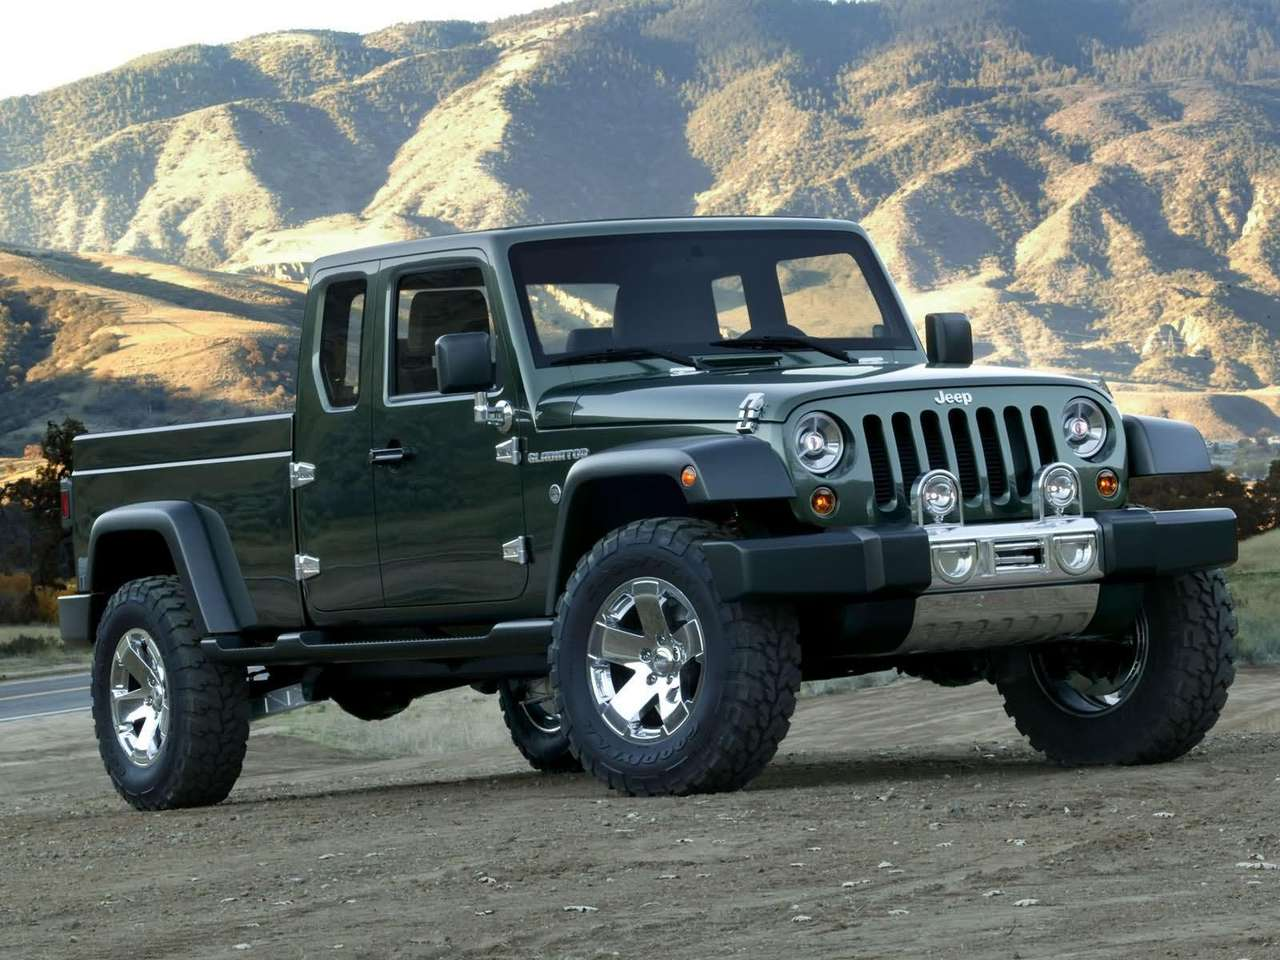 2012 jeep gladiator